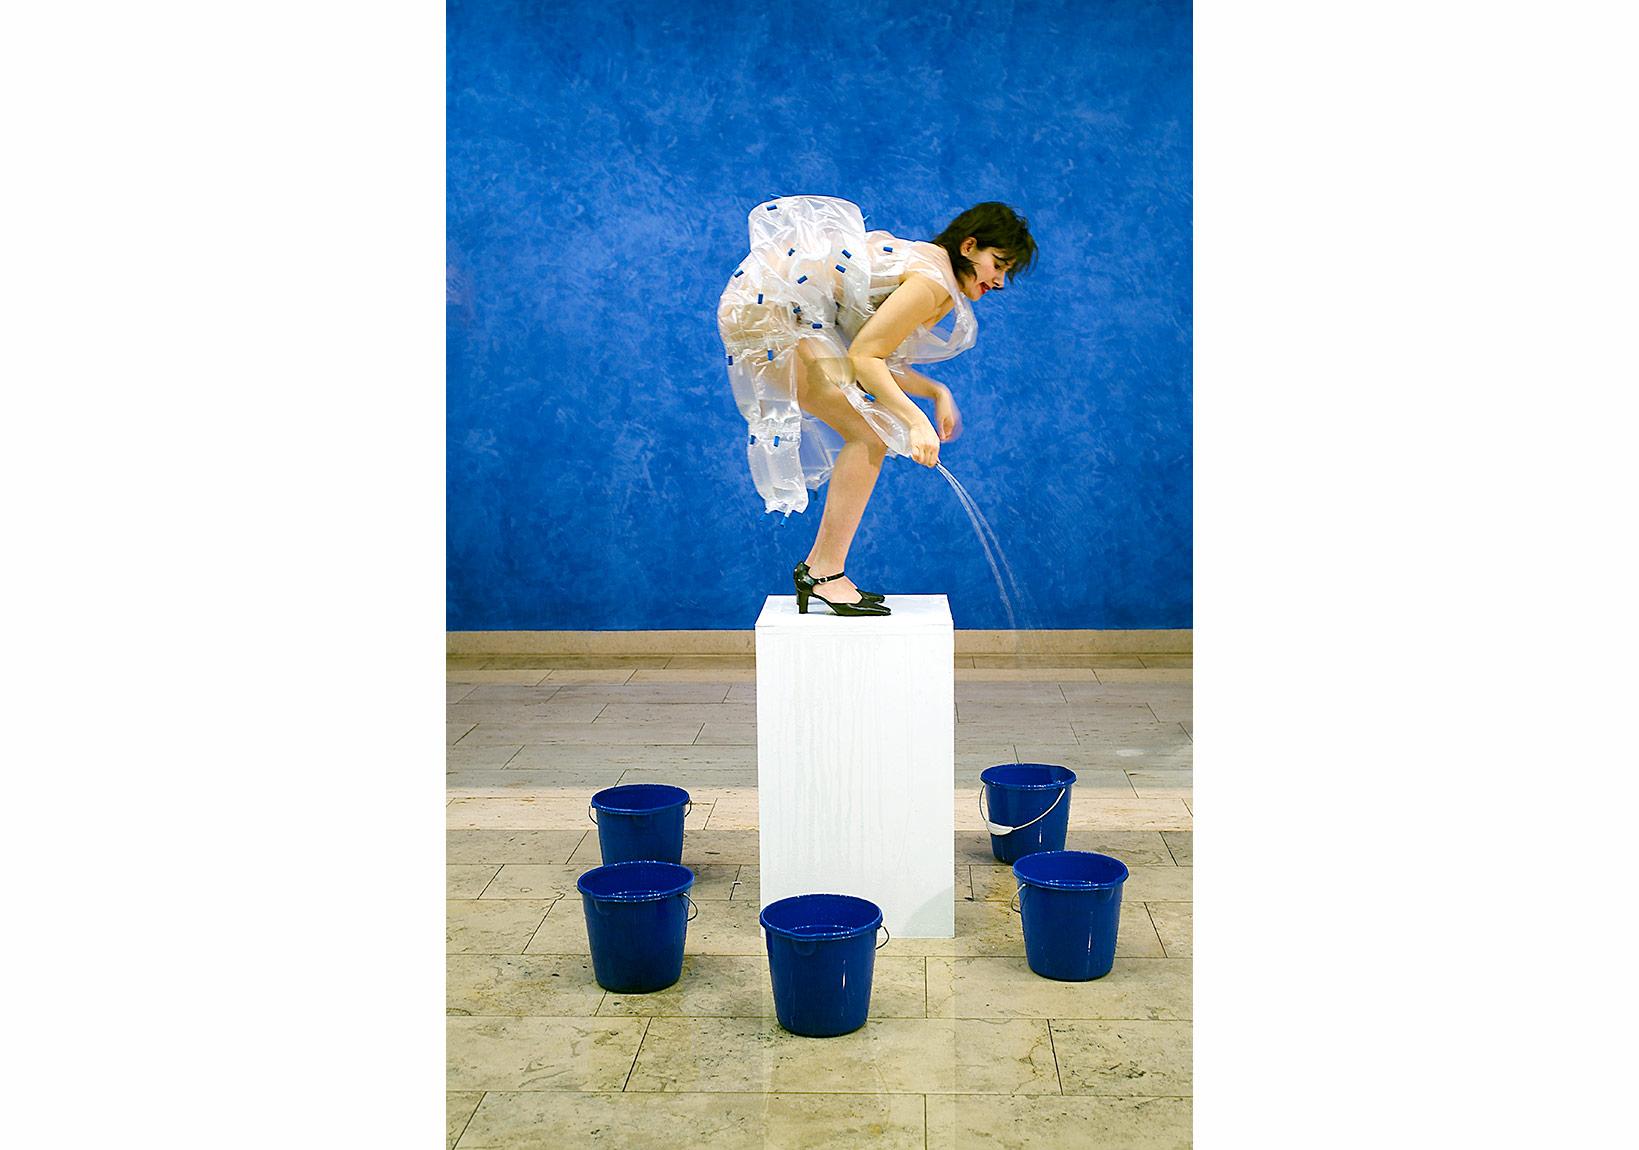 Nezaket Ekici,FountainPerformance and Photoedition since 2004Photo by: André R. Jenchen